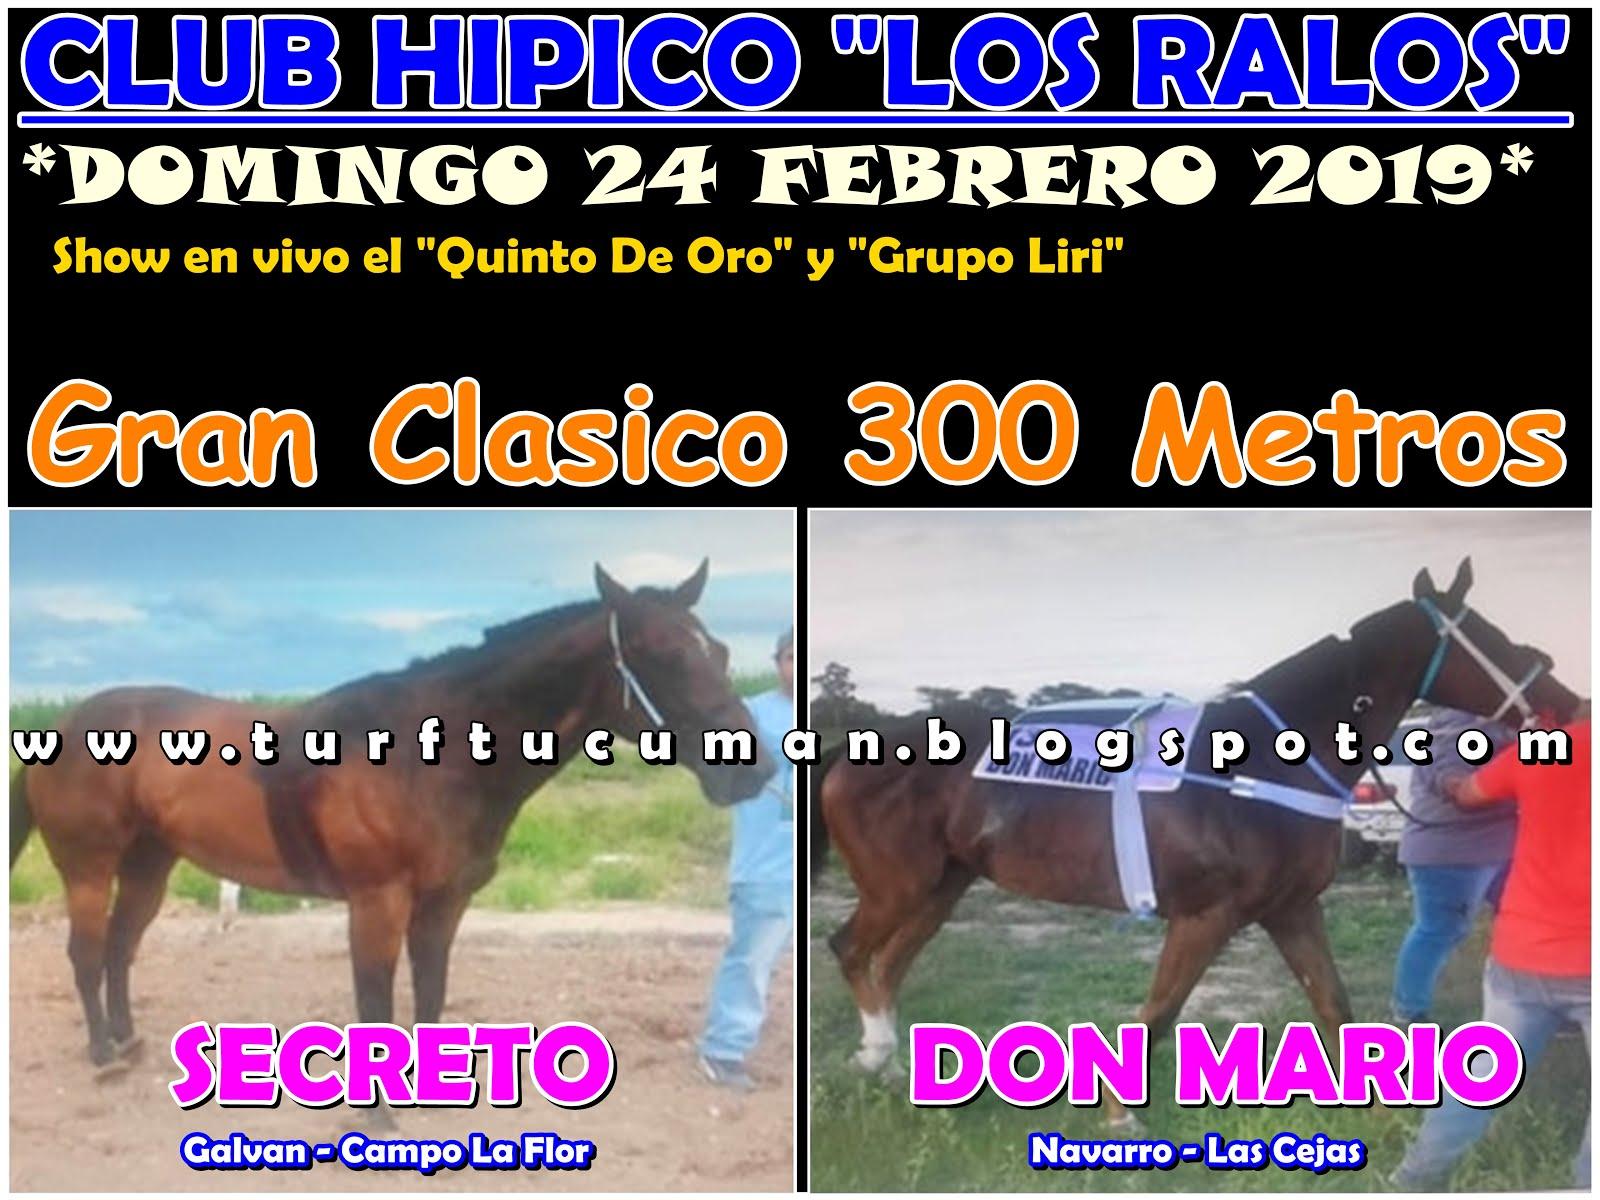 SECRETO VS DON MARIO